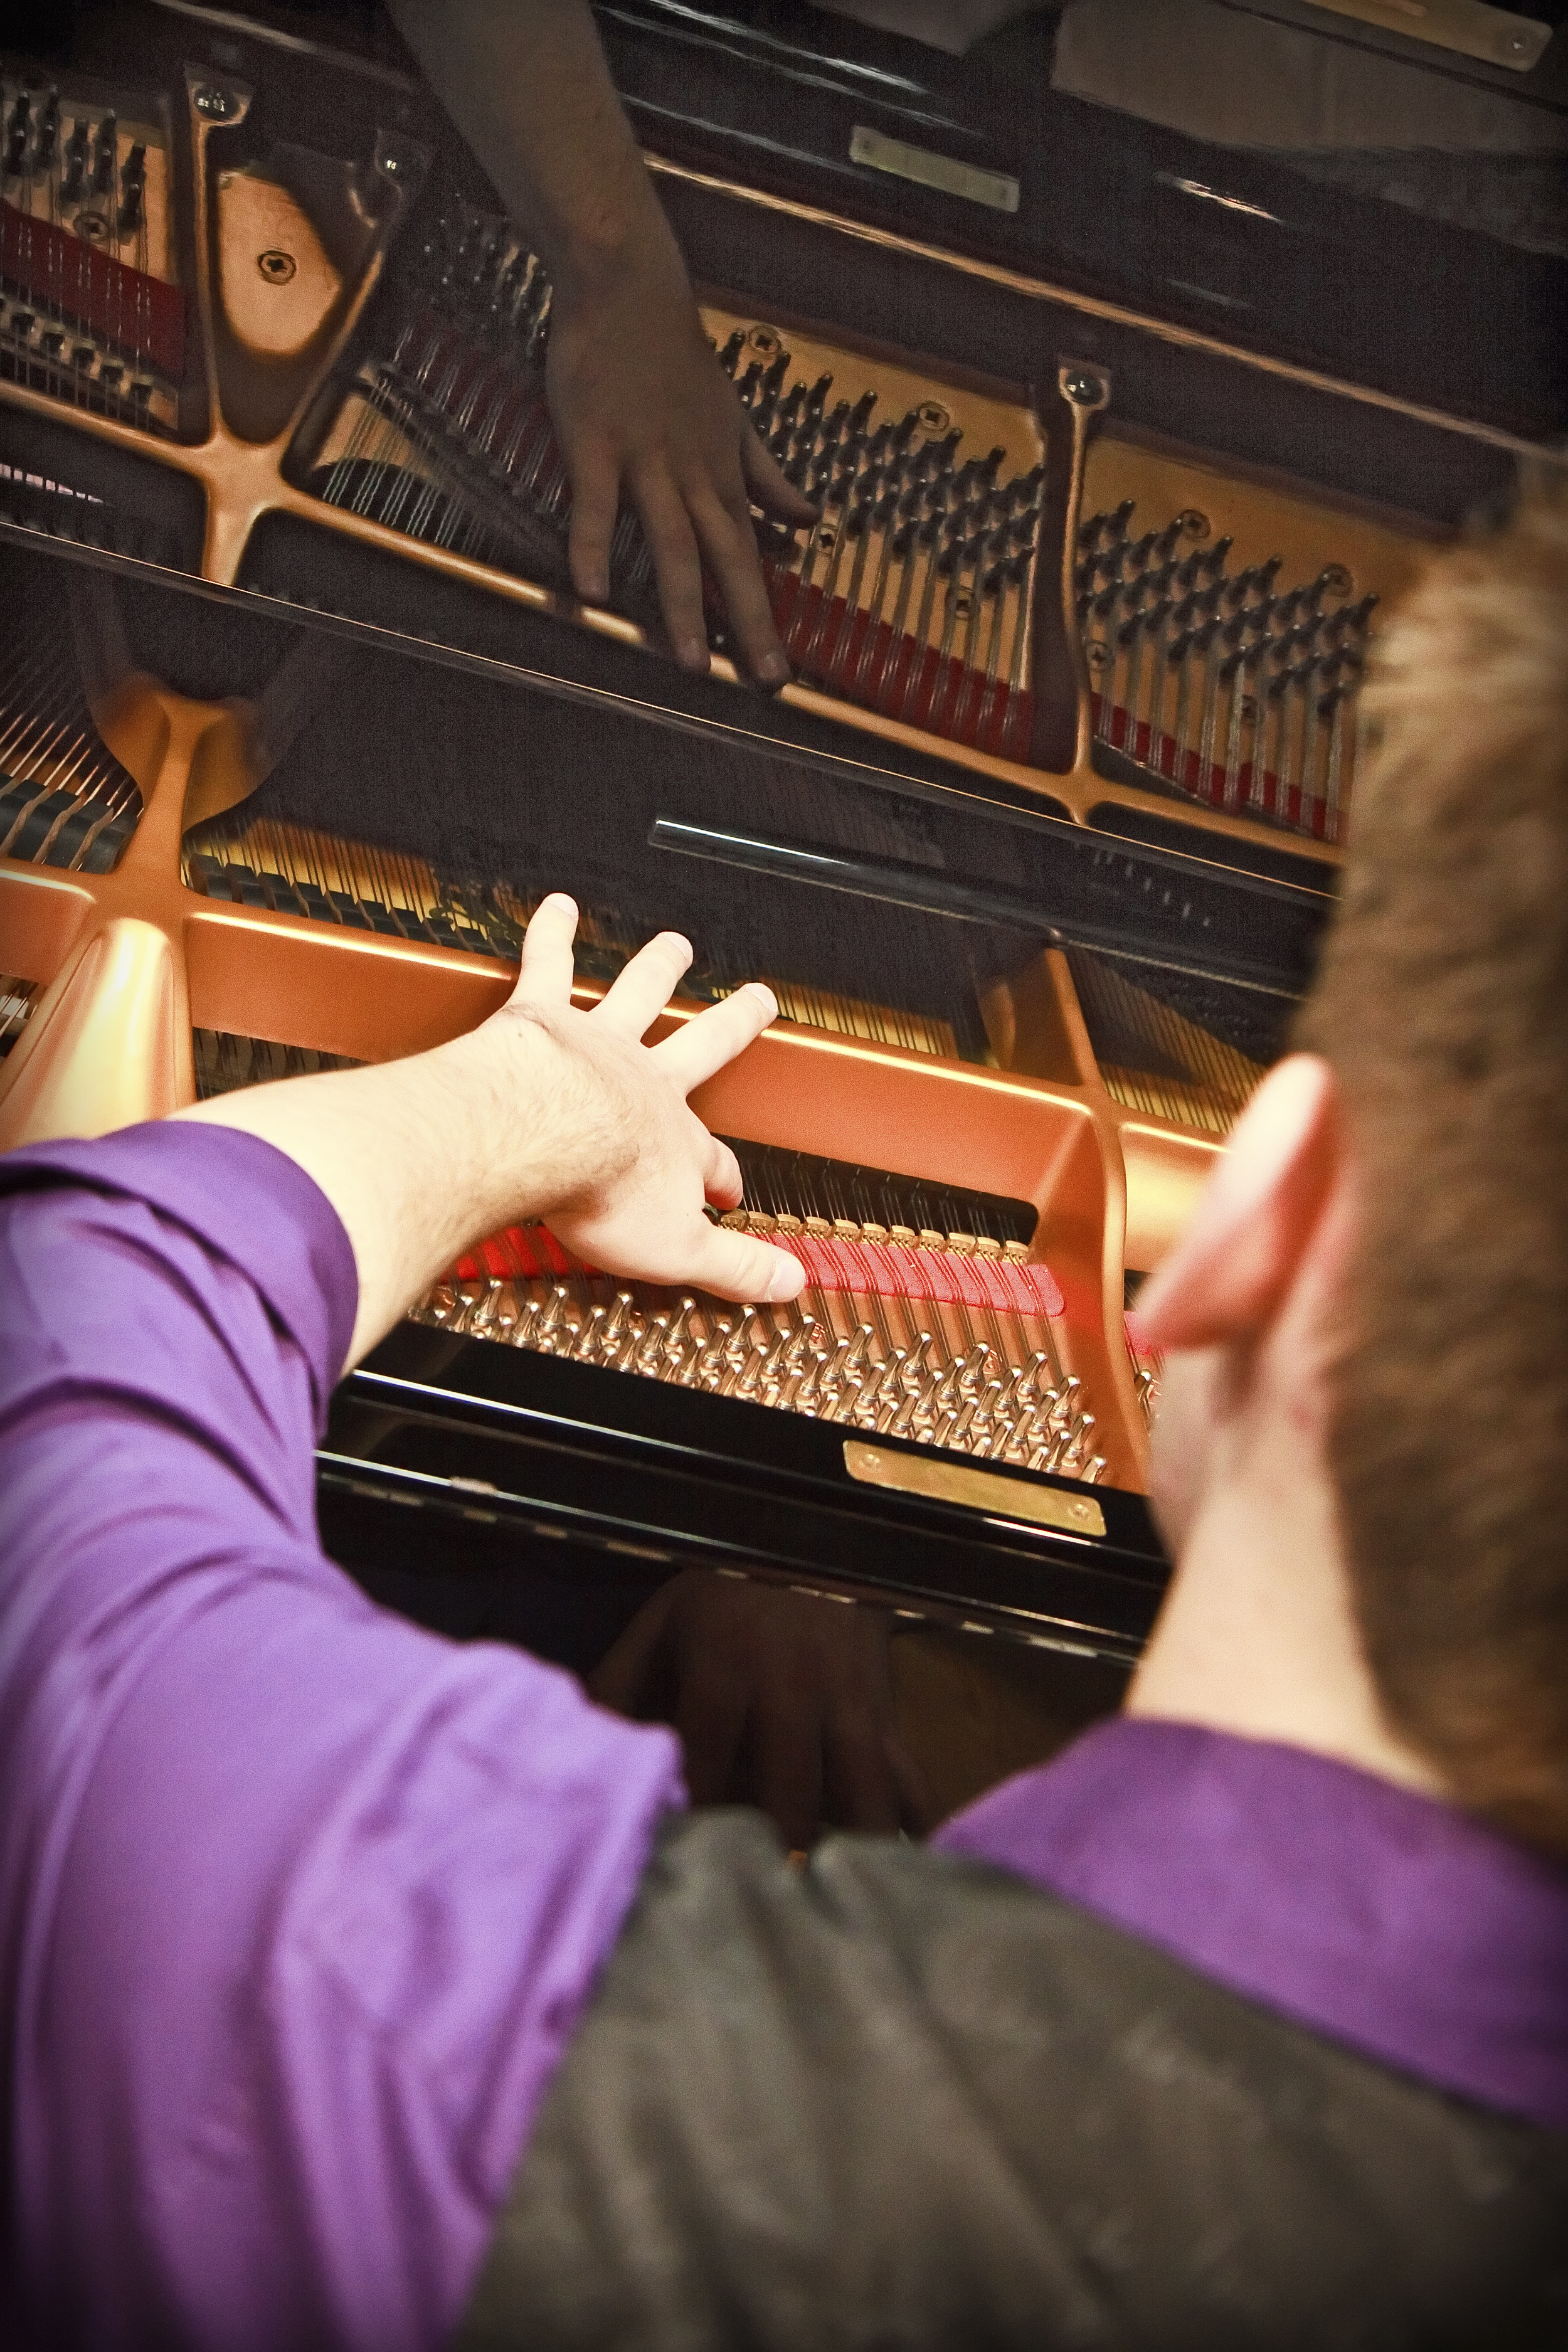 Piano harmonics